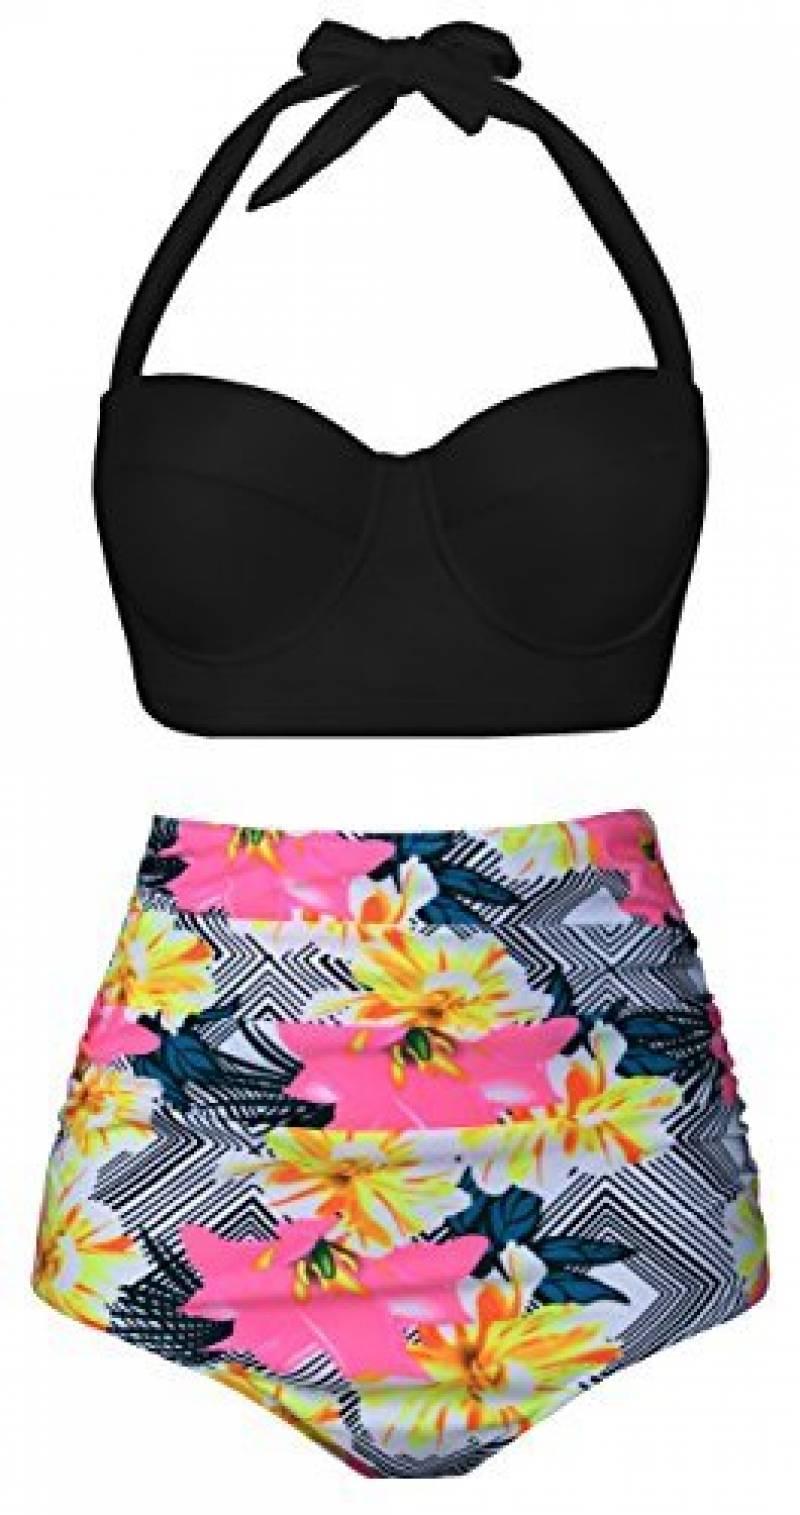 4869a39ed1 Notre sélection de maillot de bain vintage : Note Amazon. EasyMy Femmes  Vintage Polka Dot Taille Haute Maillot de Bain Bikini ...